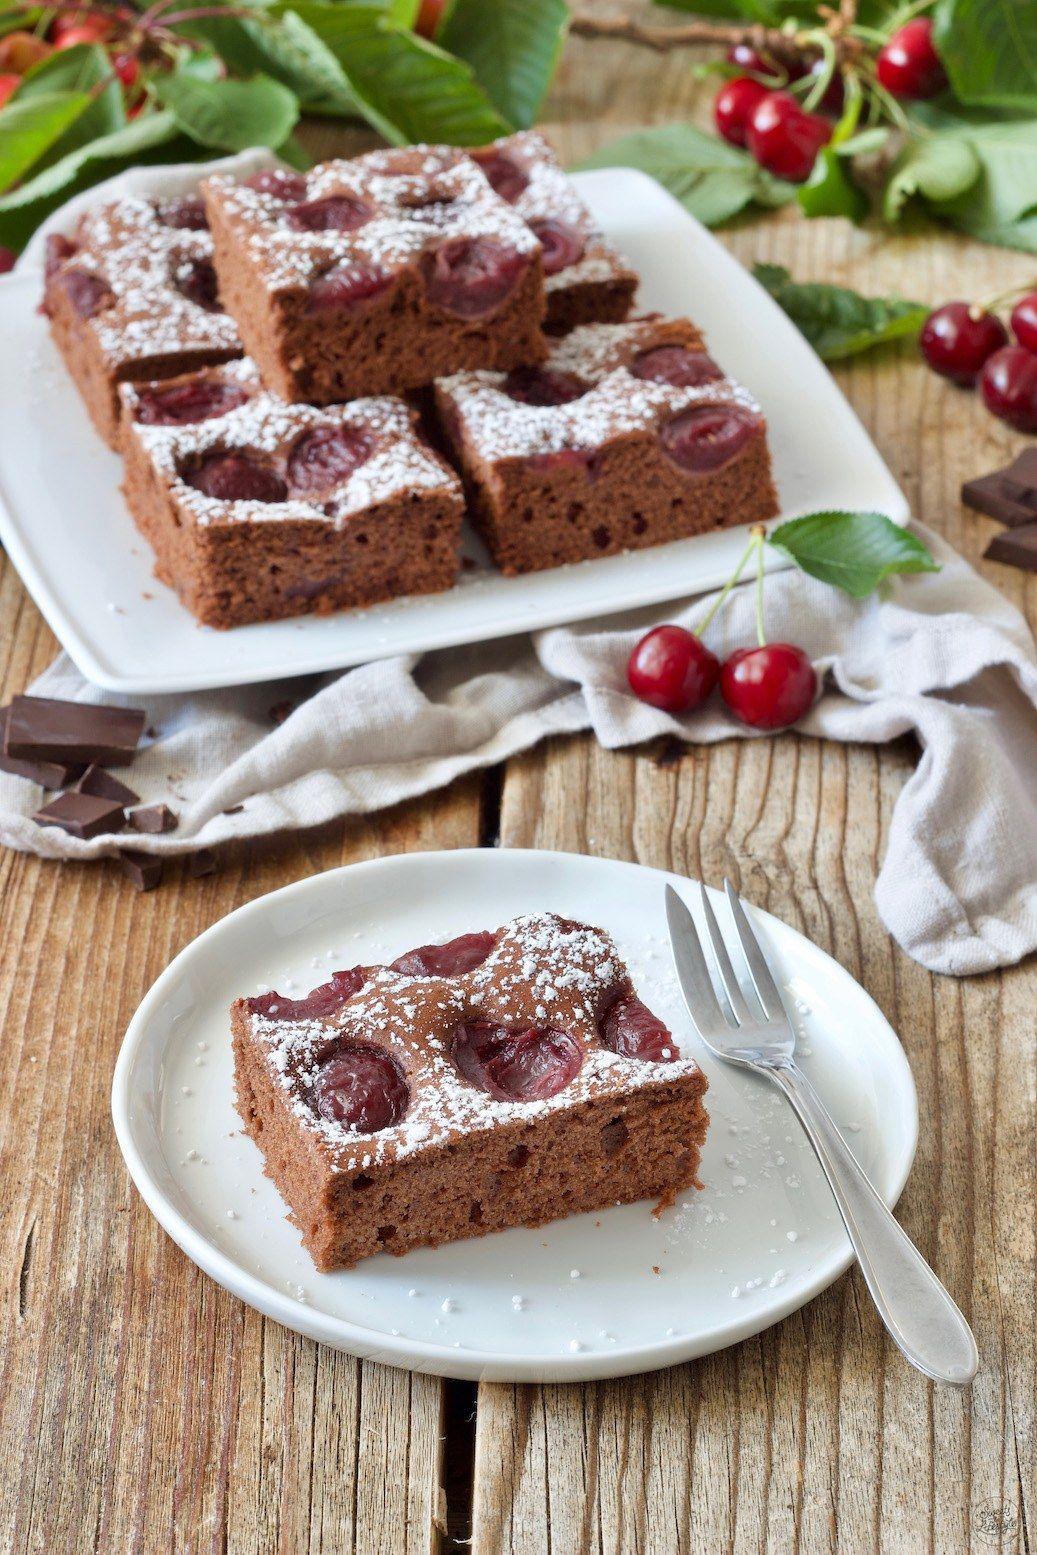 Schoko Kirsch Kuchen Rezept Mit Bildern Schoko Kirsch Kuchen Kuchen Rezepte Kuchen